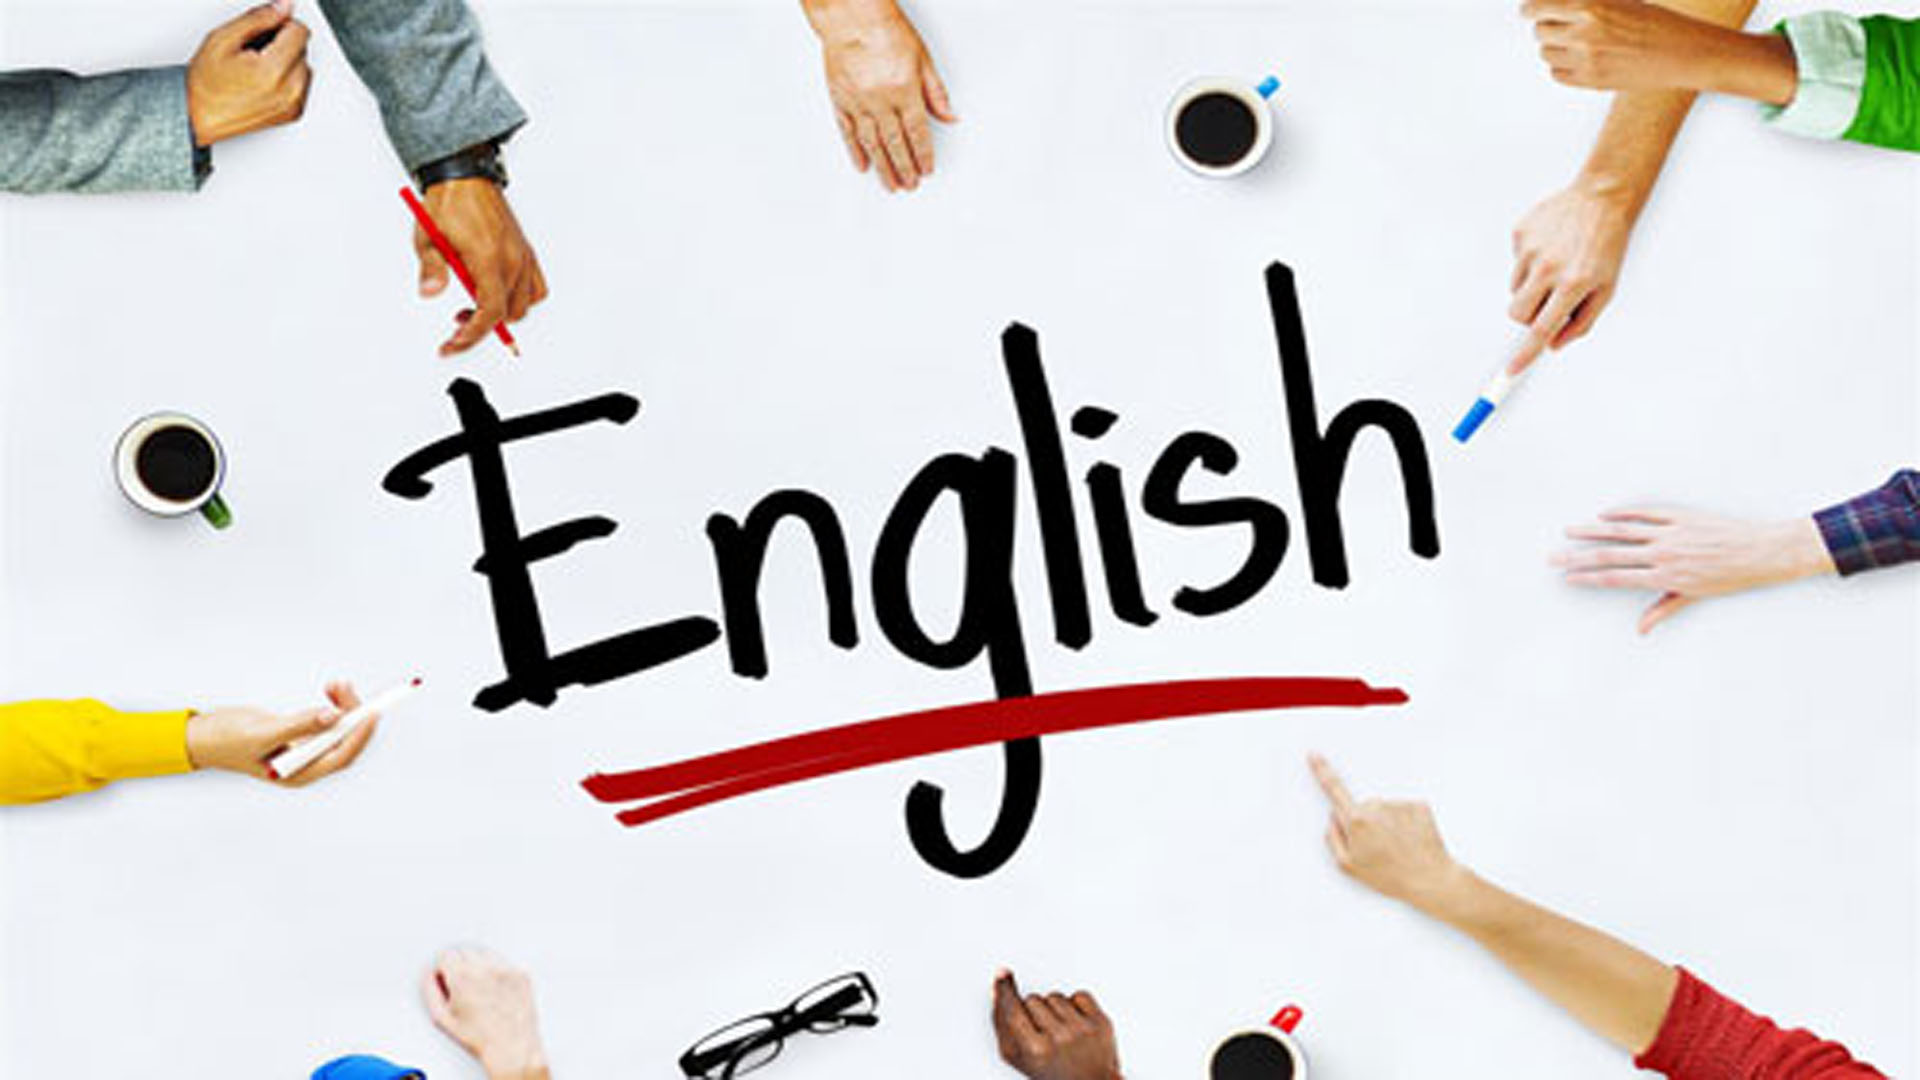 Cần rèn luyện tiếng Anh hàng ngày để tăng kỹ năng